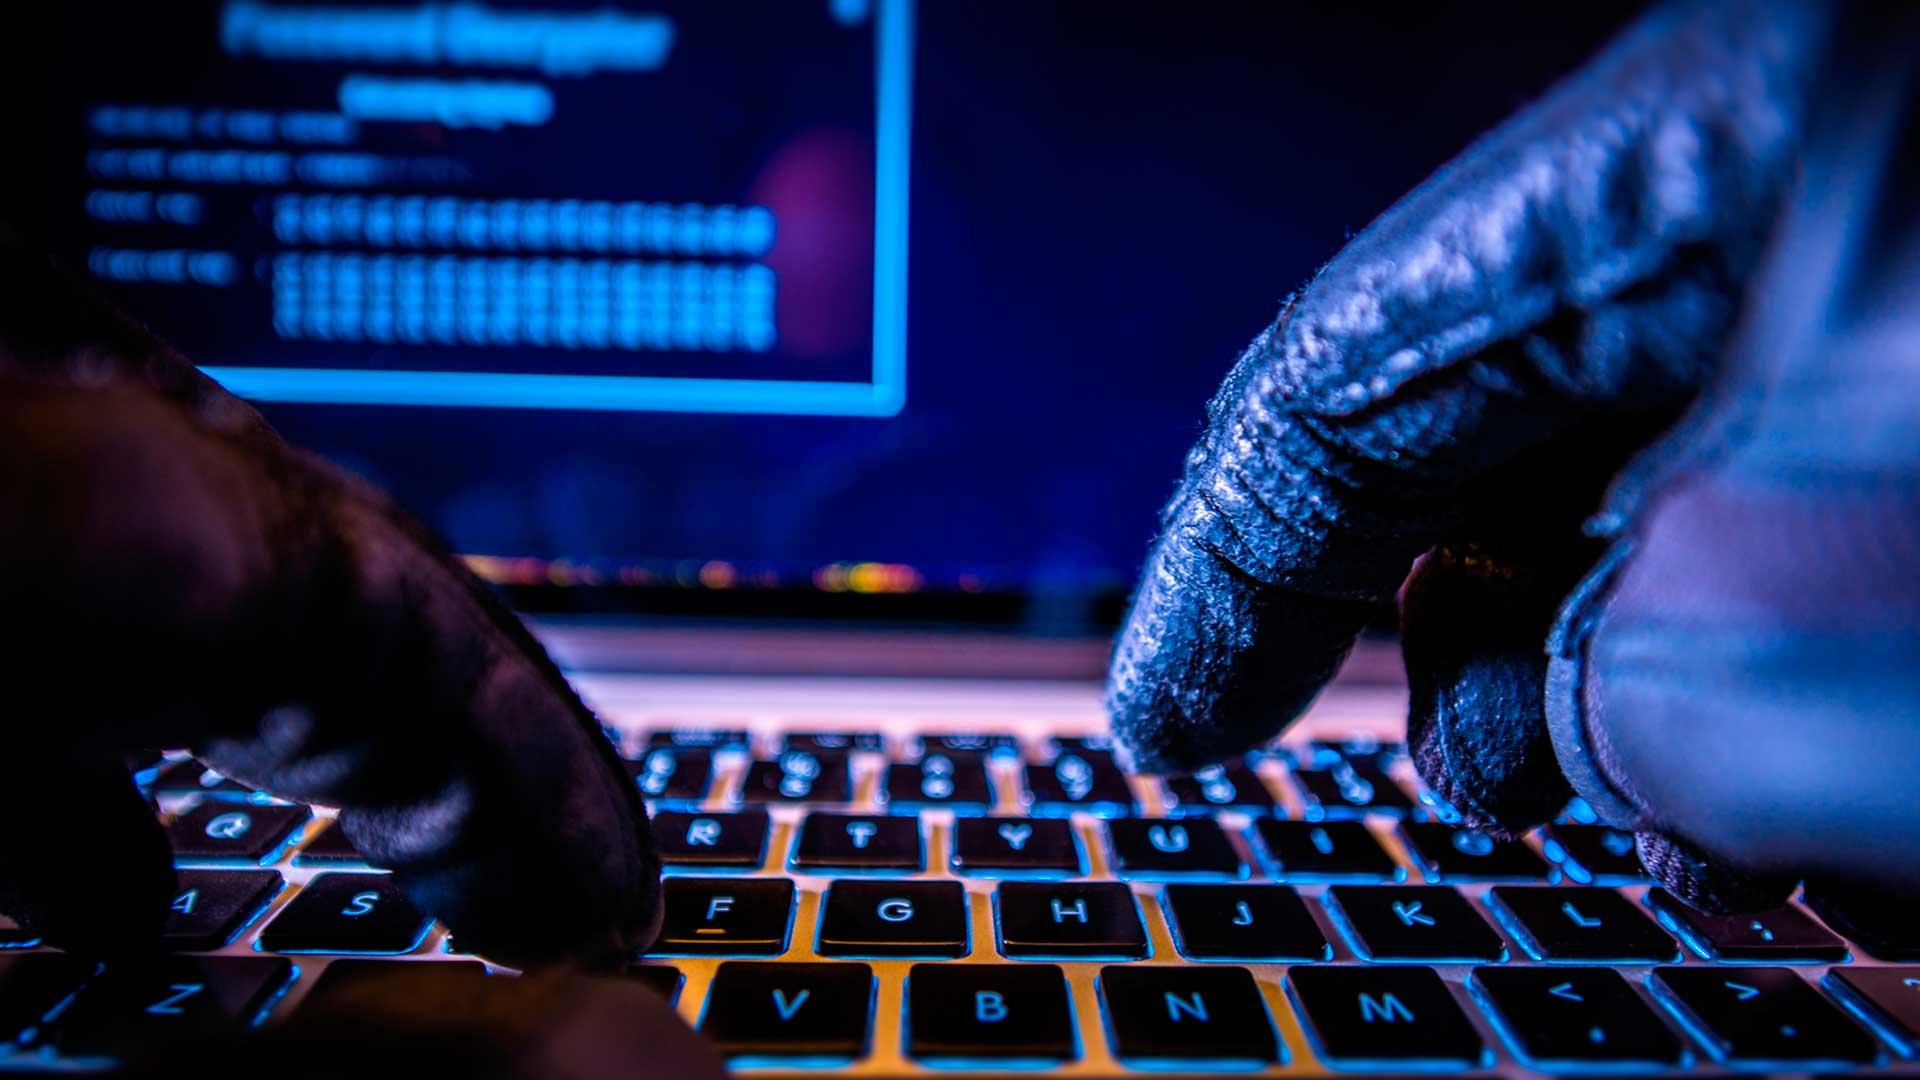 WannaCry surgió a raíz de una vulnerabilidad del sistema Windows (iStock)